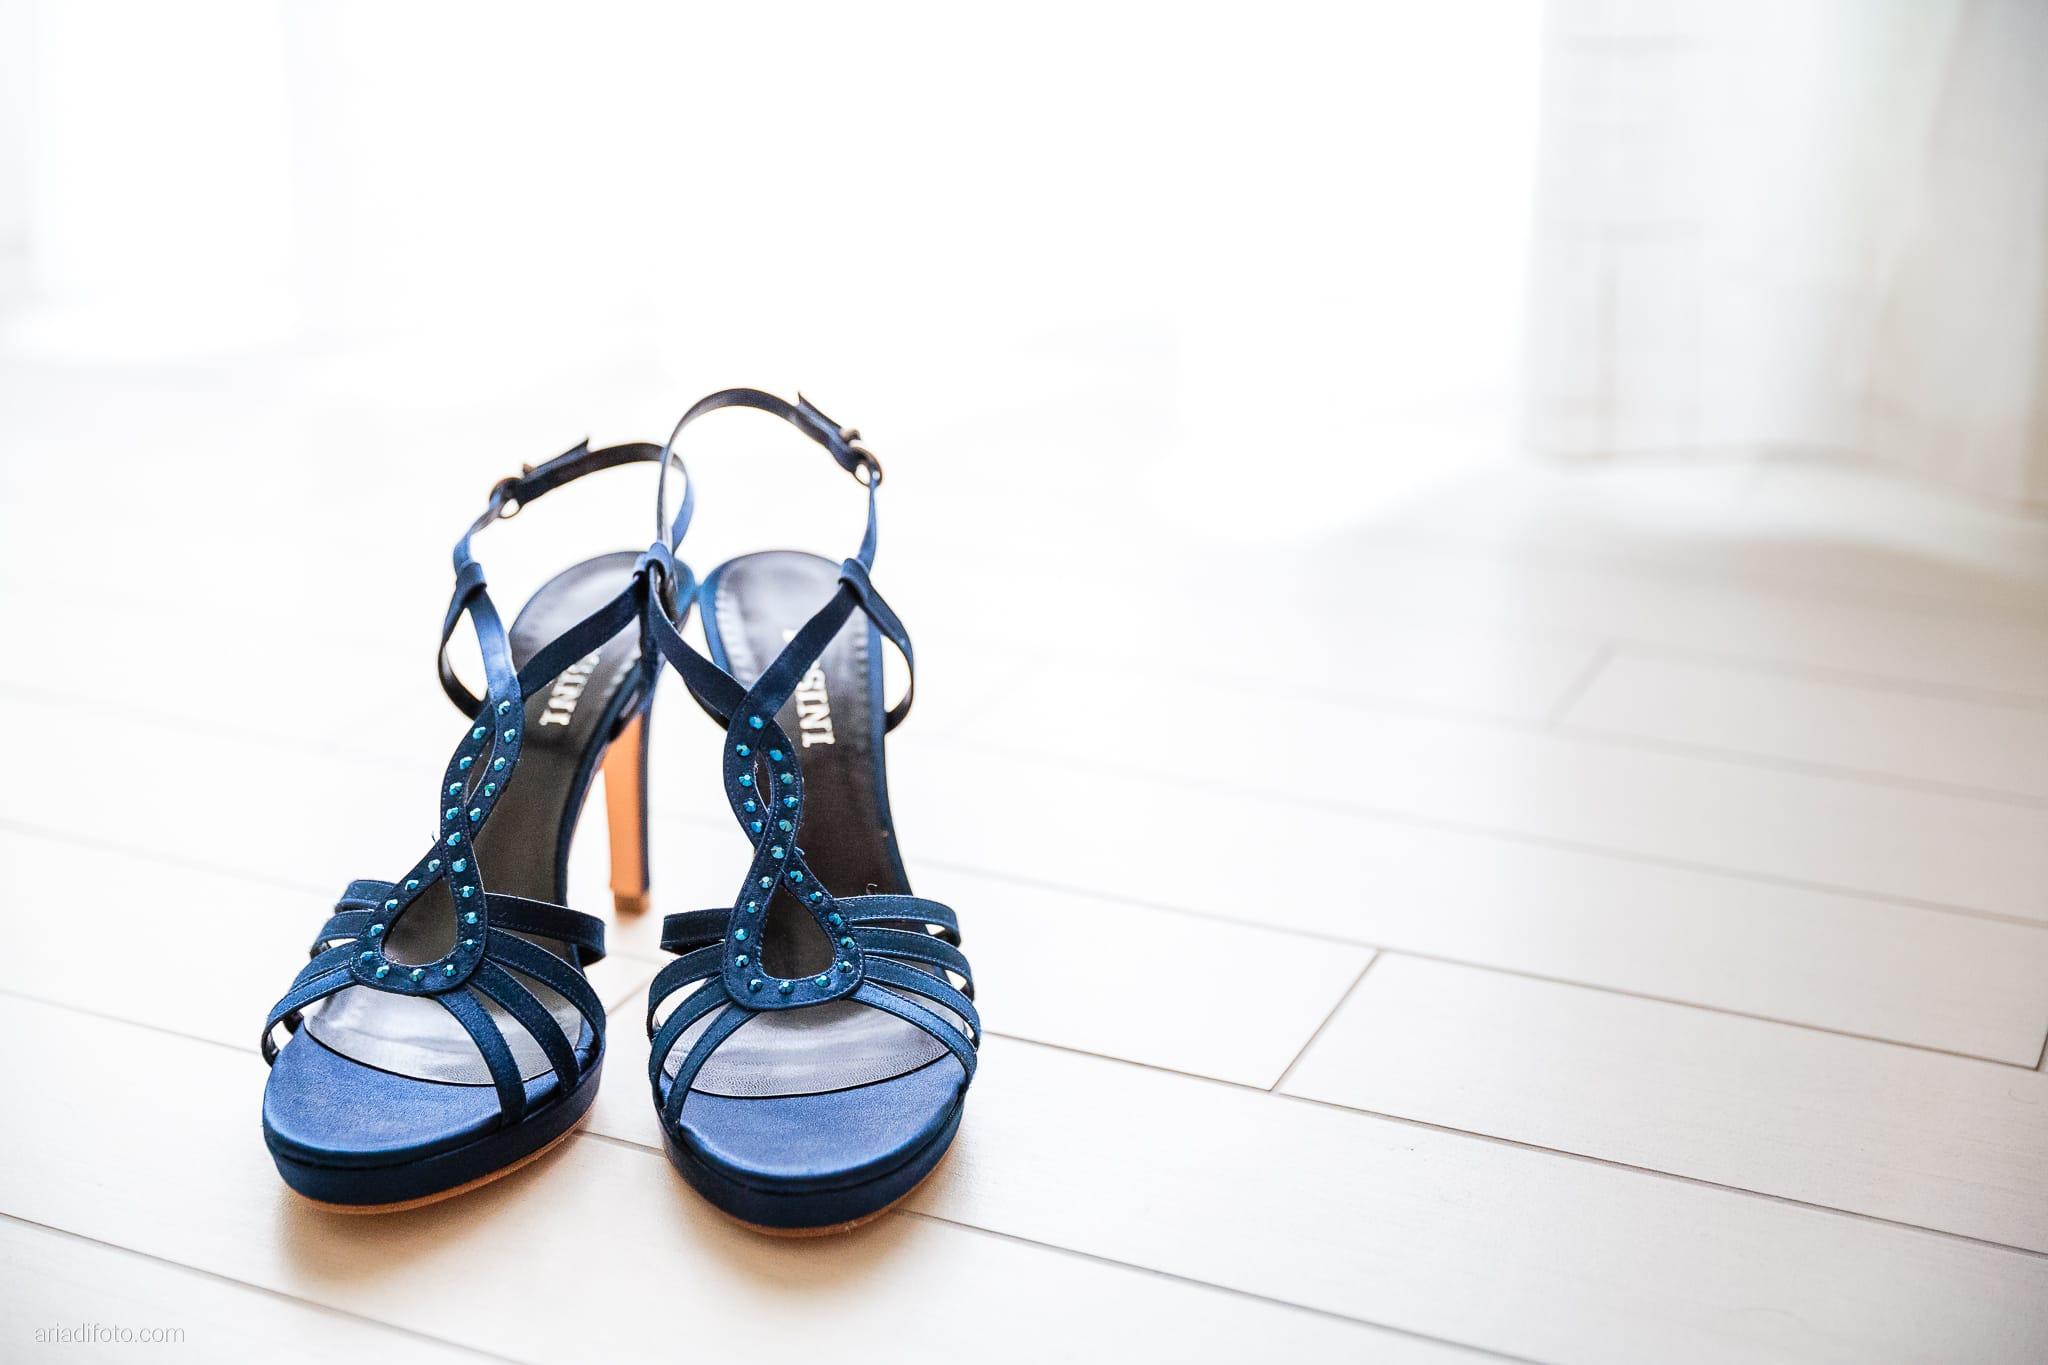 Rossella Stefano Matrimonio Muggia Mulin Koper Slovenia preparativi dettagli scarpe